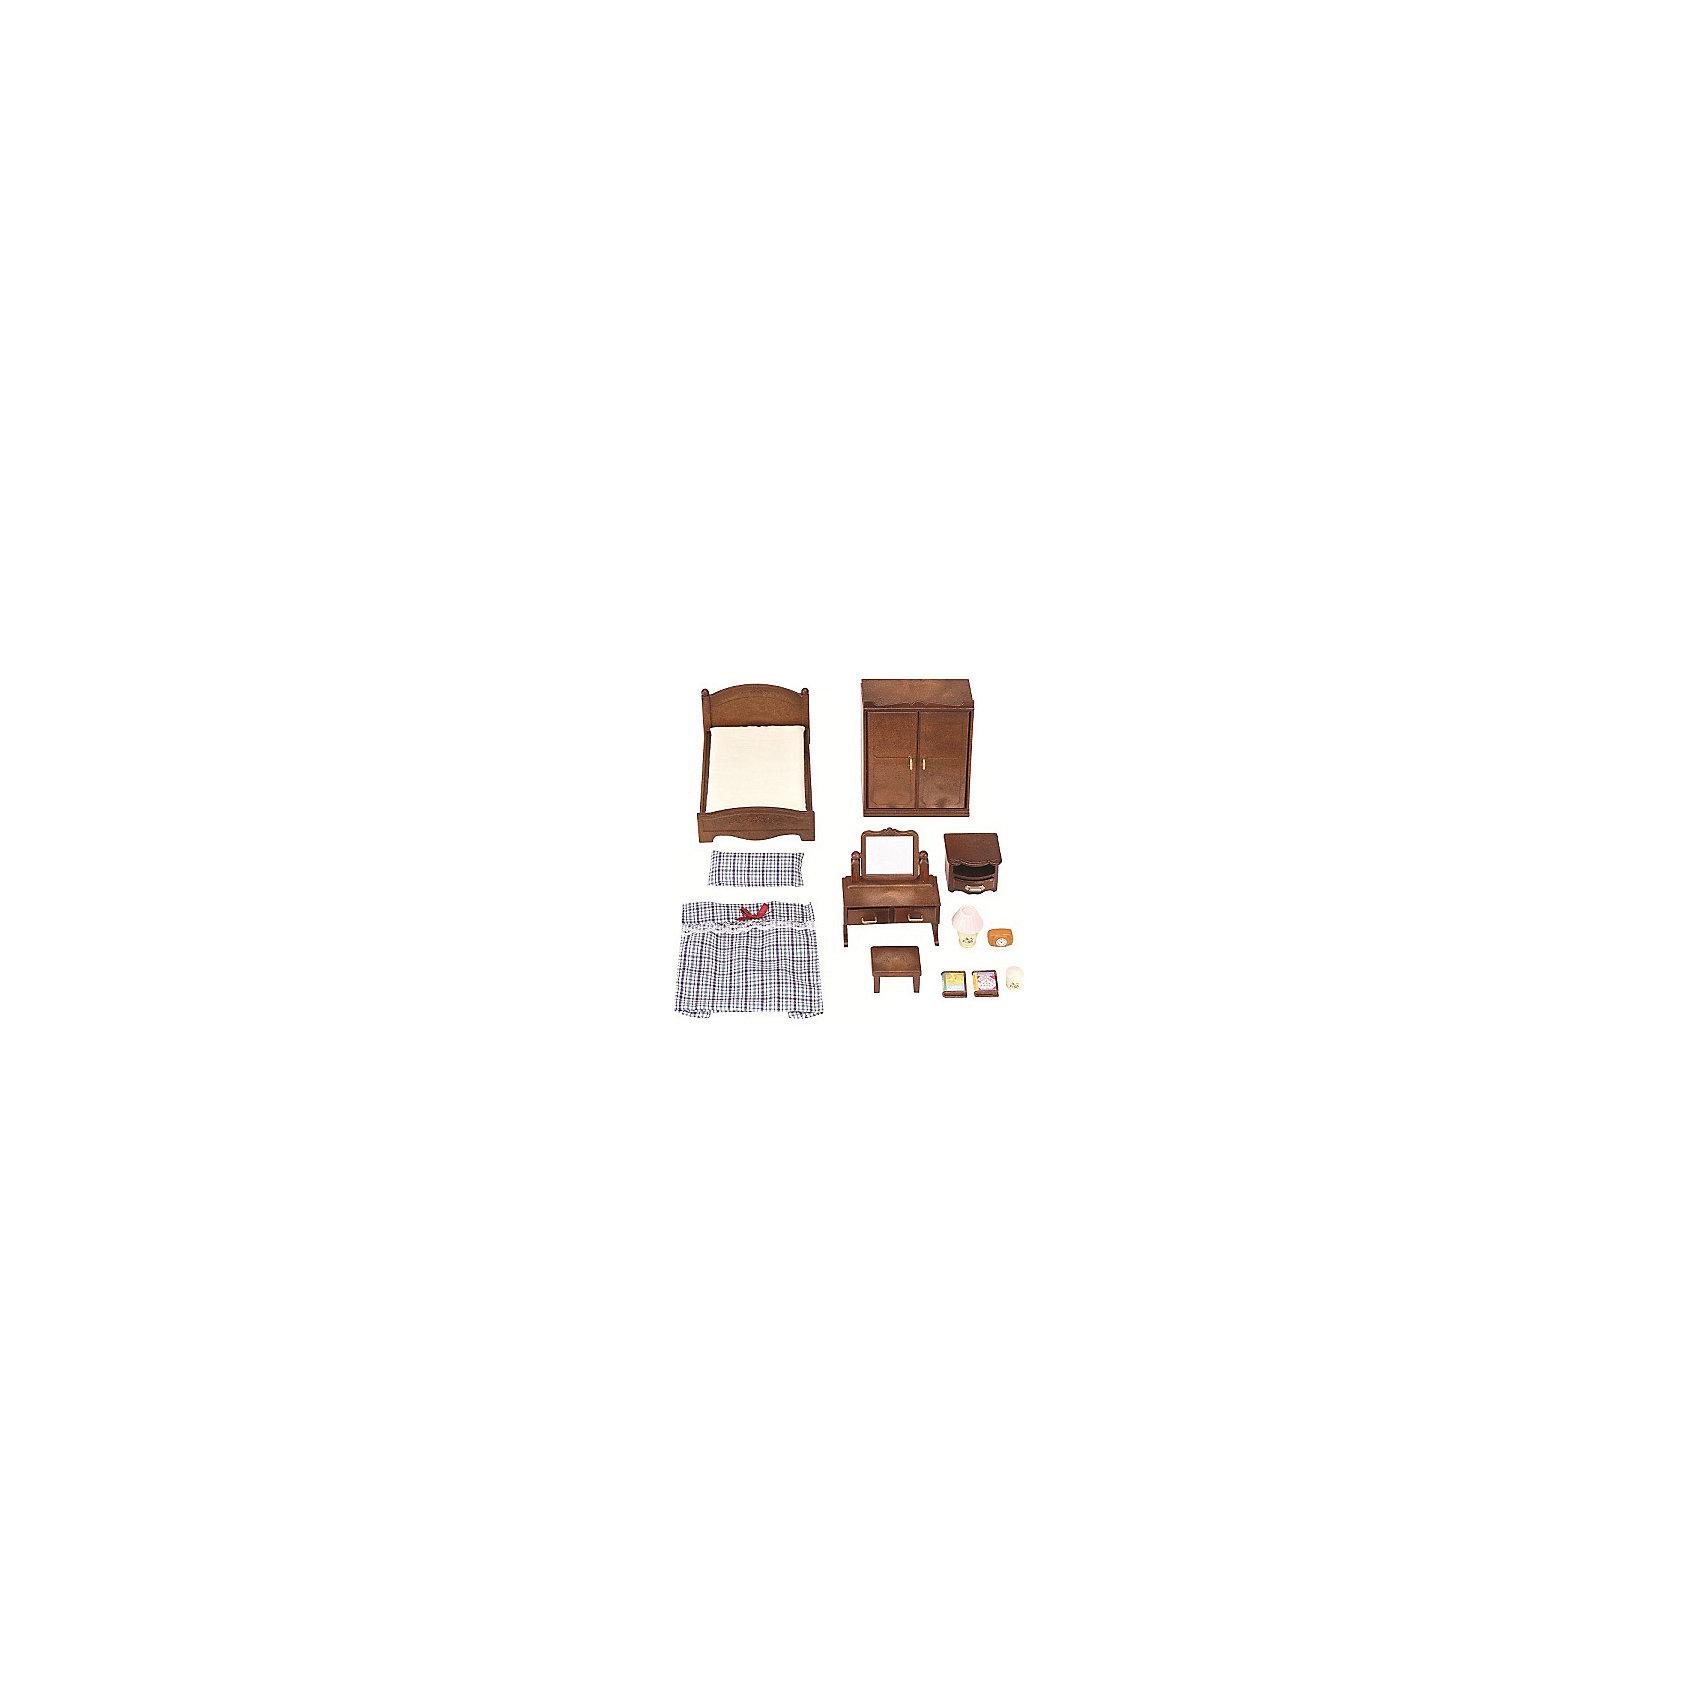 Набор Спальня Sylvanian Families, коричневыйSylvanian Families<br>Классический набор «Спальня « от Silvanian Families (Сильваниас Фэмилиес) поможет обустроить спальную комнату в домике лесных зверушек. Для этого в комплекте есть все необходимое.<br><br>В него, помимо, полутораспальной кровати и тумбочки входит еще множество других интересных предметов для обустройства уютной спальни.<br>В двустворчатый платяной шкаф можно сложить одежду,  а туалетный столик с зеркалом и двумя выдвижными ящиками подойдет для хранения мелочей. <br><br>Высокое качество и внимание к деталям  каждого элемента набора,  является отличительной чертой всех игрушек из доброго мира Sylvanian Families.<br><br>В комплект входит: <br> кровать с постельными принадлежностями<br>шкаф<br>туалетный столик<br>тумбочка<br>аксессуары<br><br>Материал: текстиль, ПВХ с полимерным наполнением, пластмасса.<br><br>Дополнительная информация:<br>Размер упаковки: 30x15x8 см<br><br>Ширина мм: 306<br>Глубина мм: 171<br>Высота мм: 65<br>Вес г: 337<br>Возраст от месяцев: 36<br>Возраст до месяцев: 72<br>Пол: Женский<br>Возраст: Детский<br>SKU: 4797218